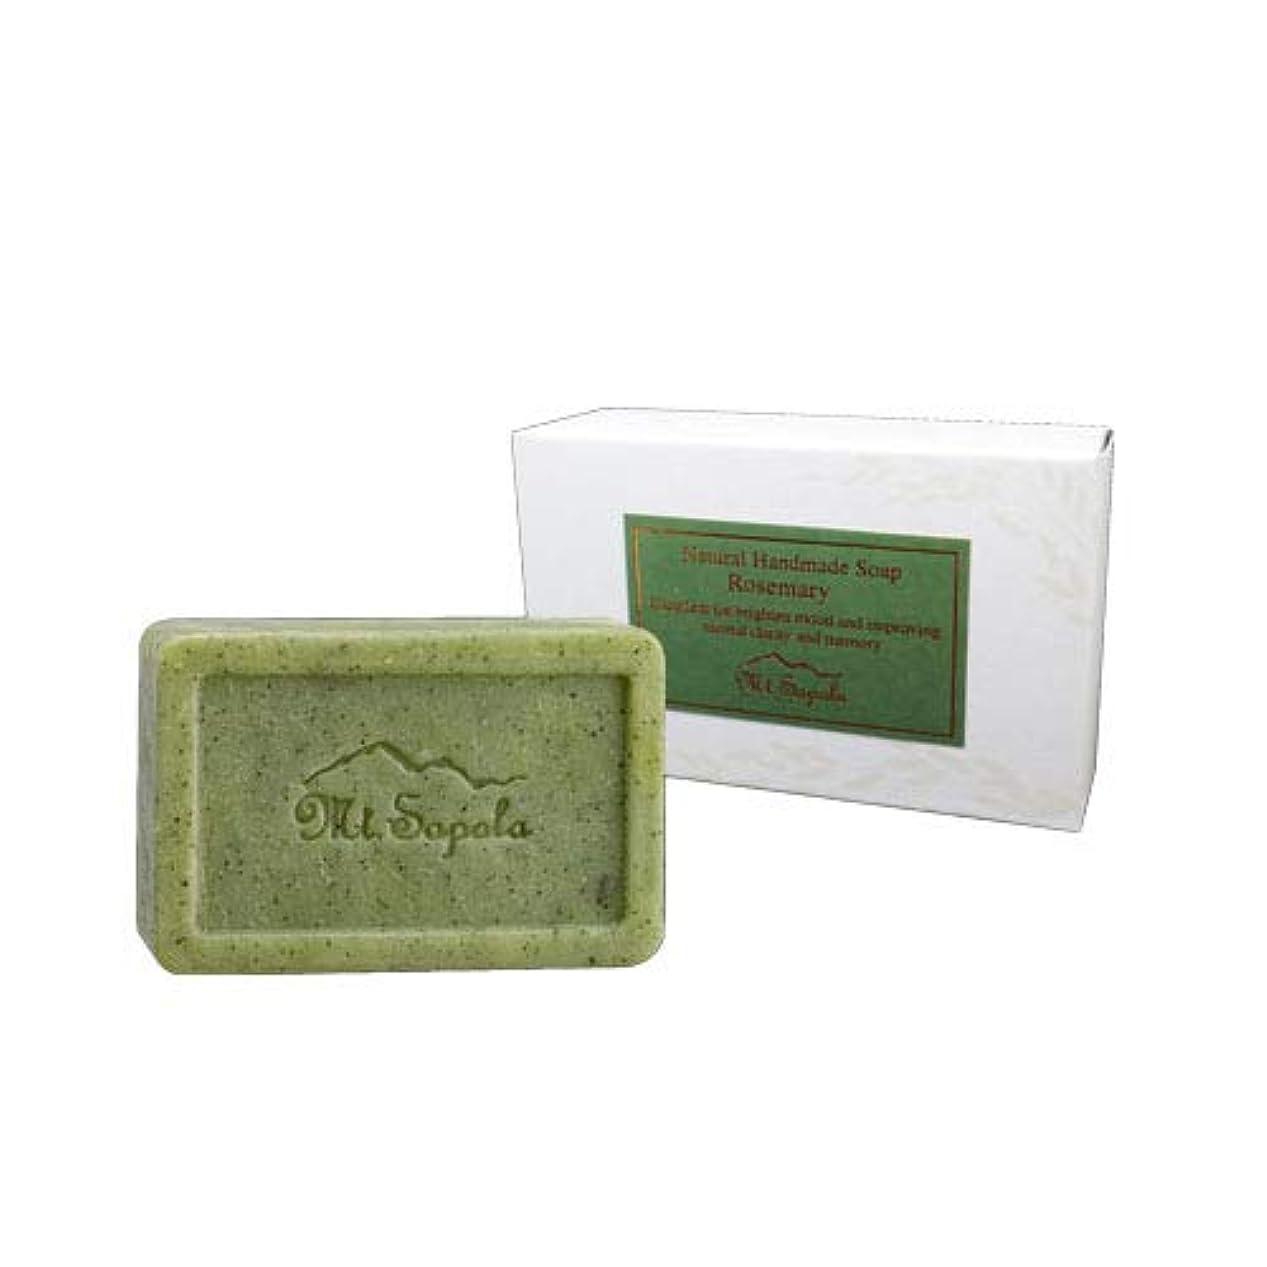 ニコチン日記溶けるMt.Sapola(マウントサポラ) ナチュラルソープ 石鹸 ローズマリー 120g